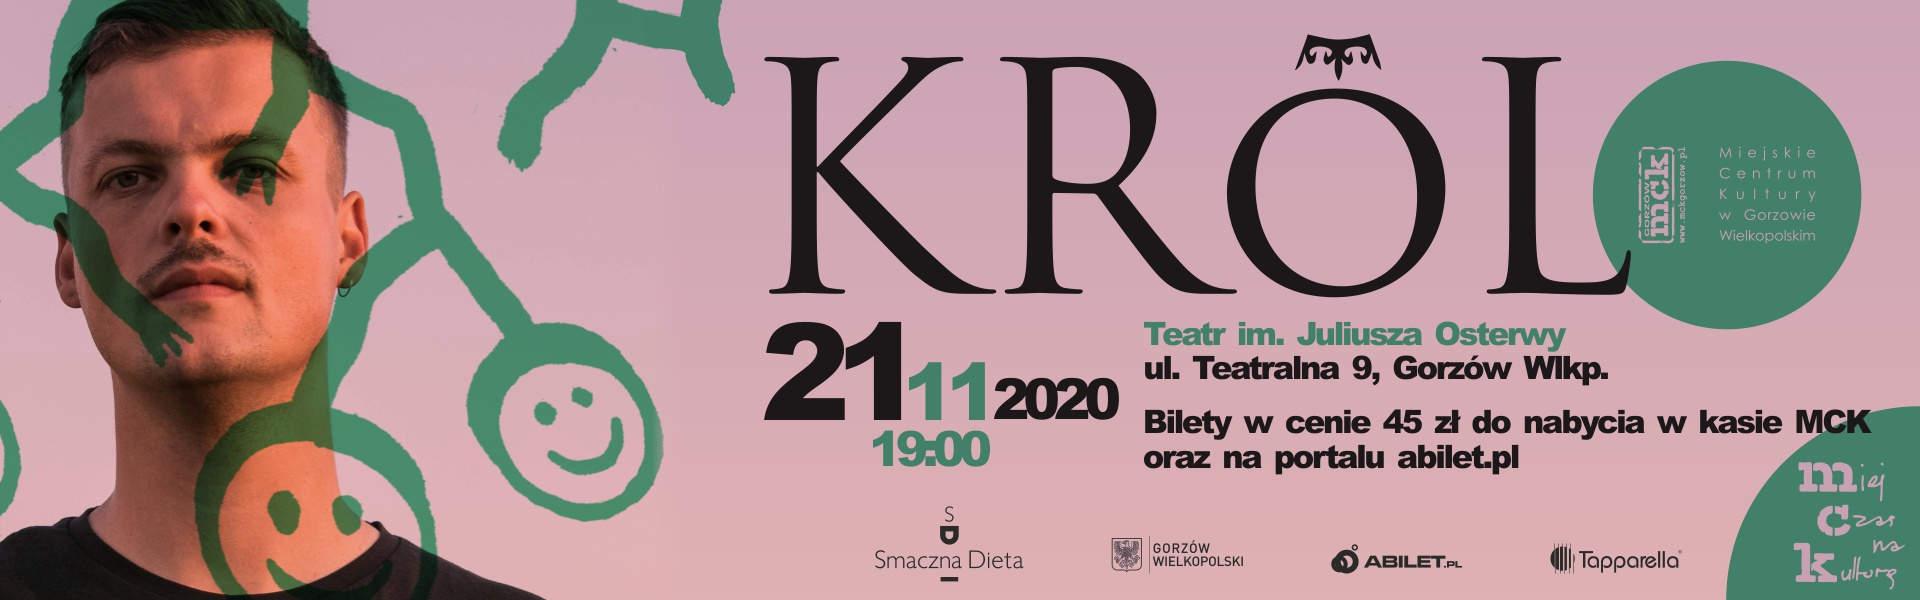 Baner wydarzenia Koncert Króla w teatrze 21 listopada 2020